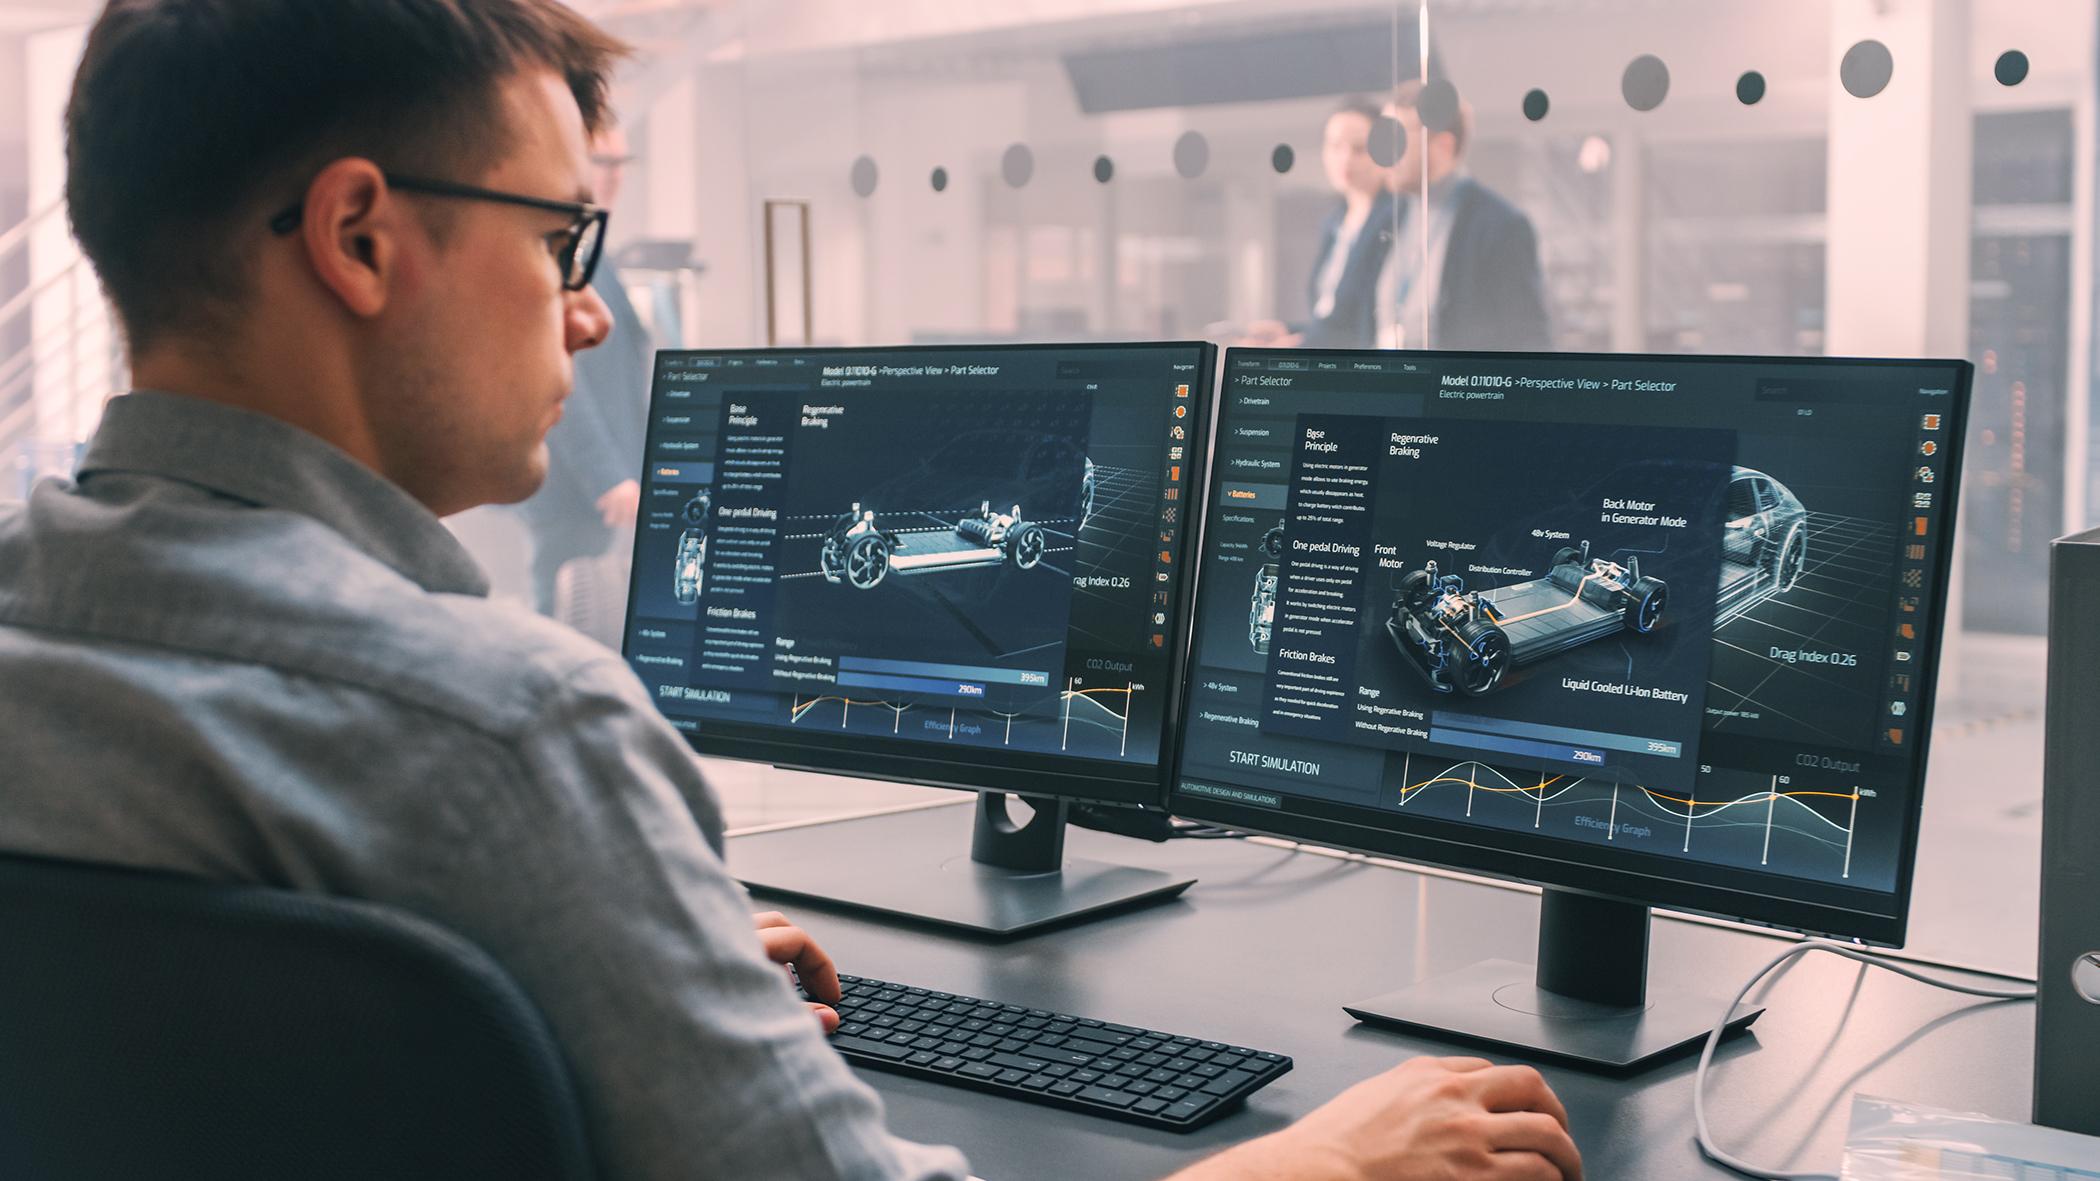 Rozwój oprogramowania i elektroniki  dla motoryzacji: Bosch konsoliduje kompetencje  w ramach nowego działu.